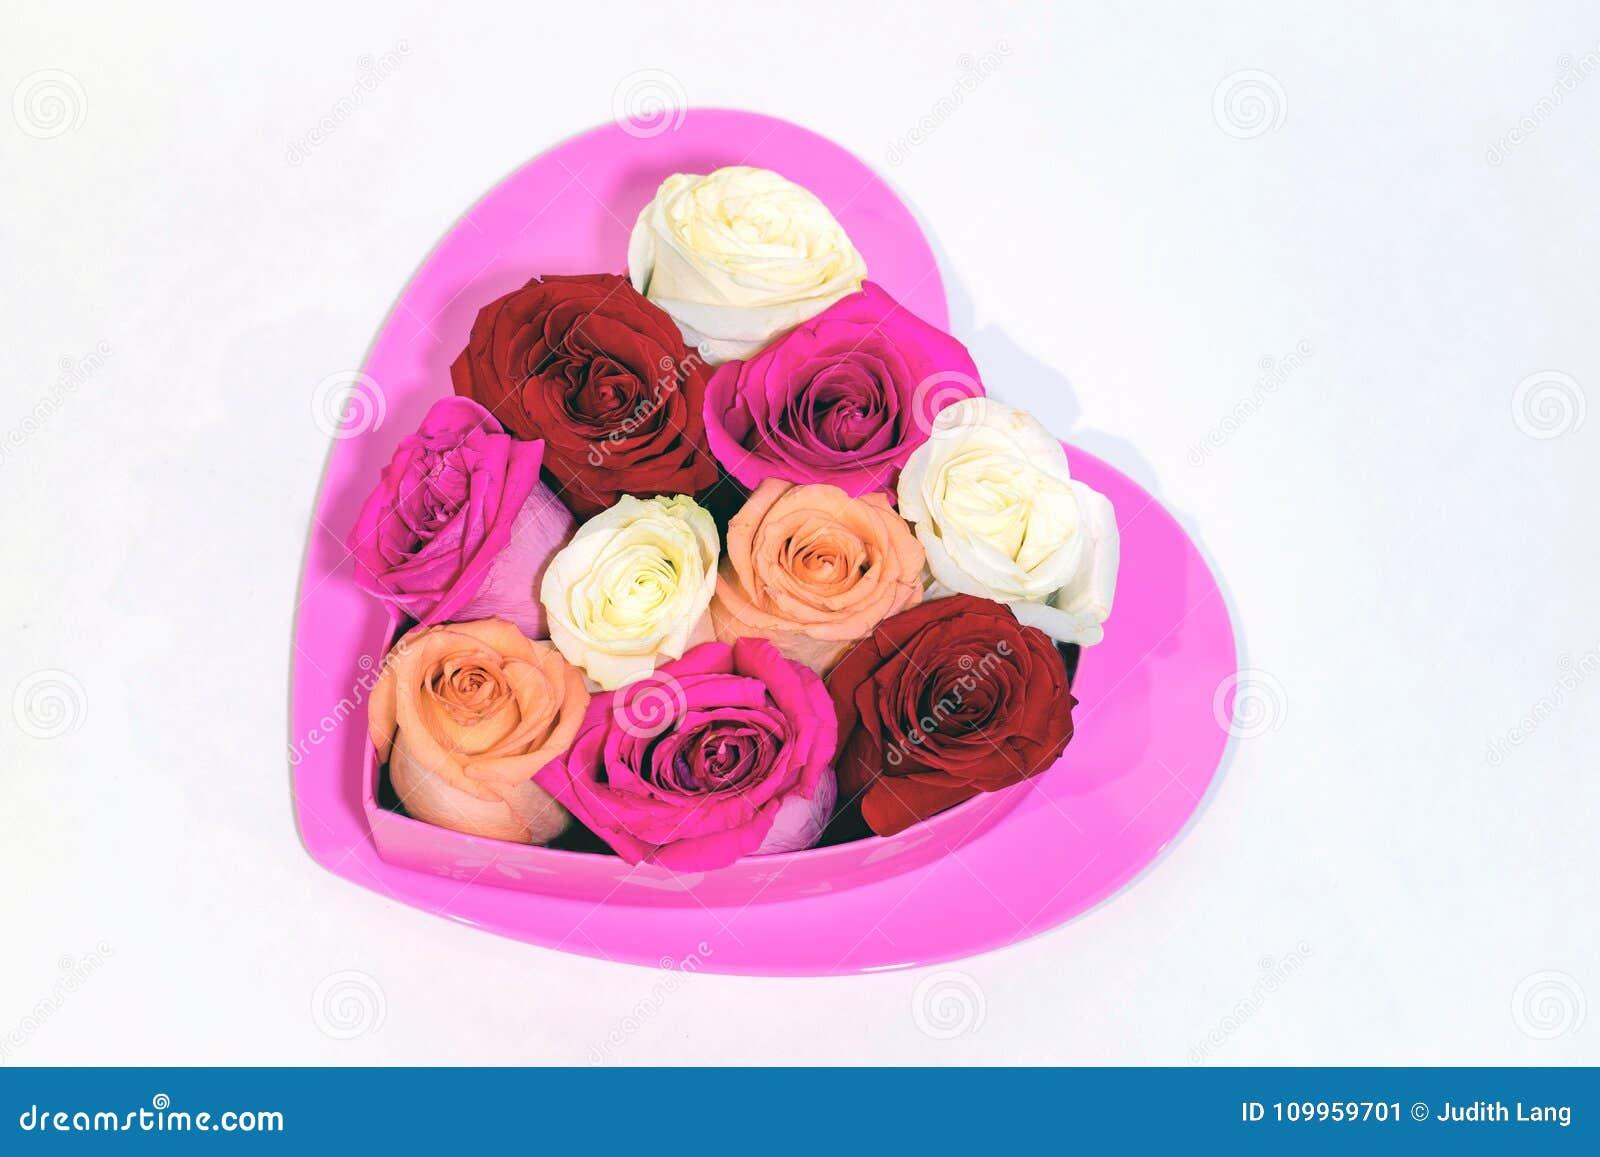 Καυτή ρόδινη καρδιά με τα τριαντάφυλλα διαμορφωμένο στο καρδιά κιβώτιο στην κορυφή